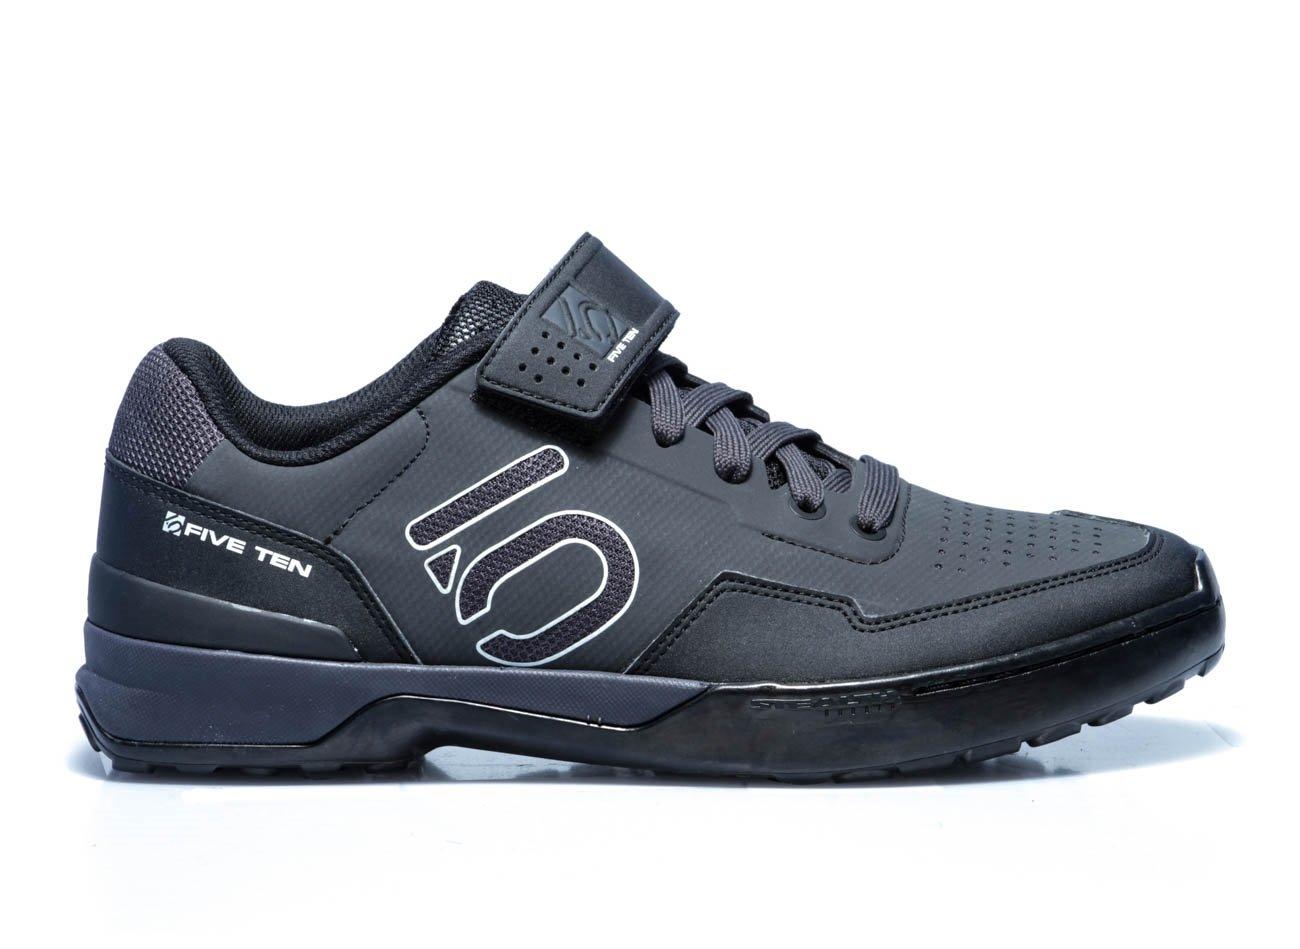 Five Ten Kestrel Lace cykelsko til klik pedaler sort/hvid | Shoes and overlays